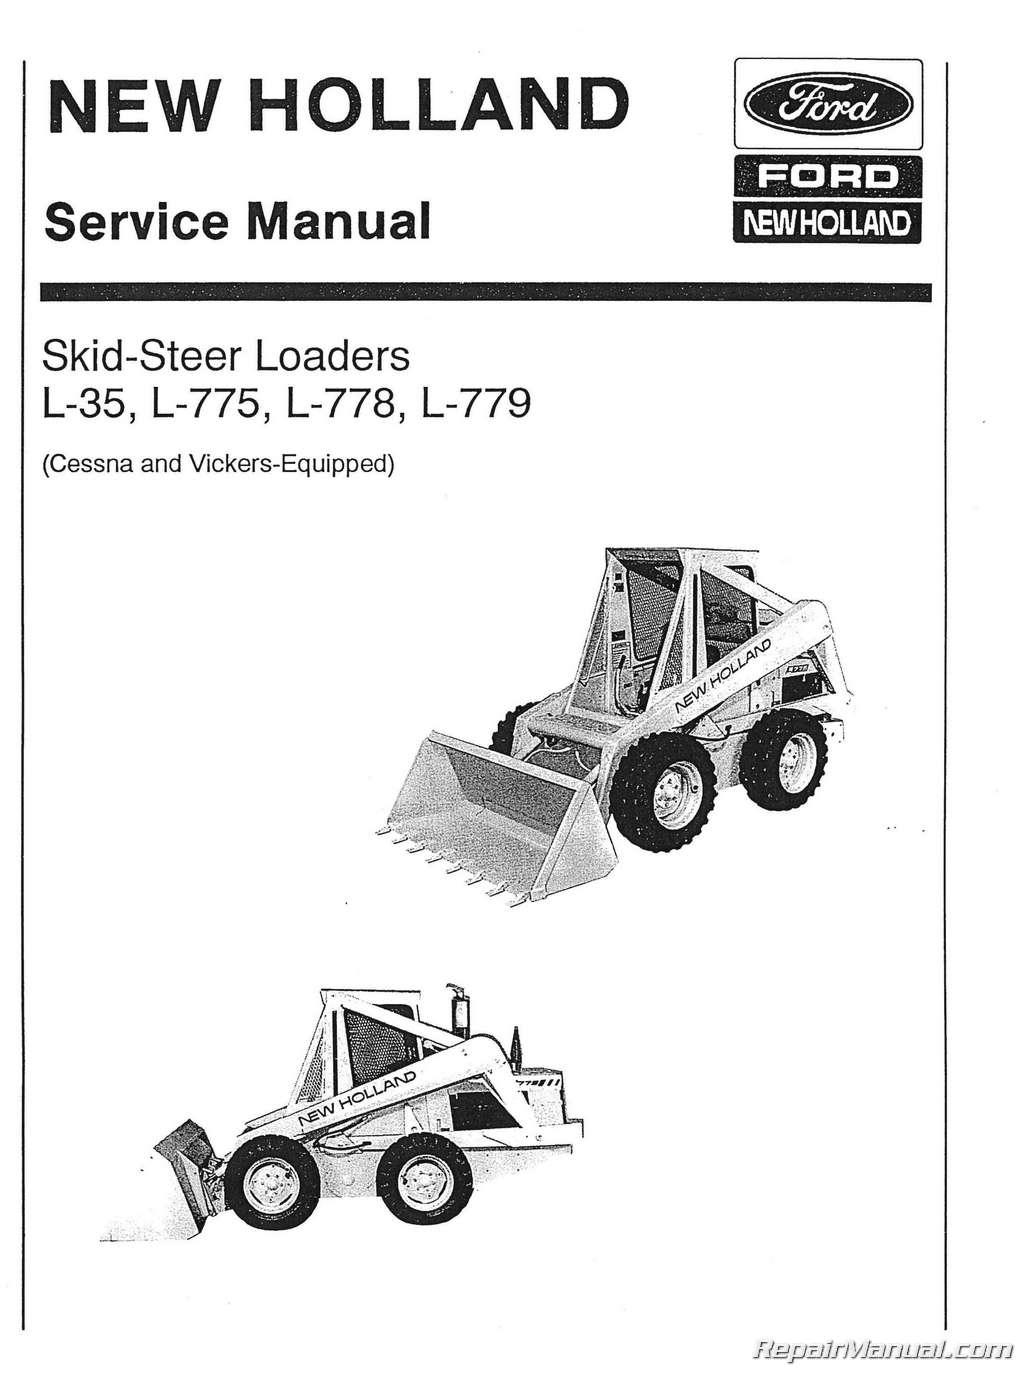 Ford New Holland L35 L775 L778 L779 Skid Steer Service Manual